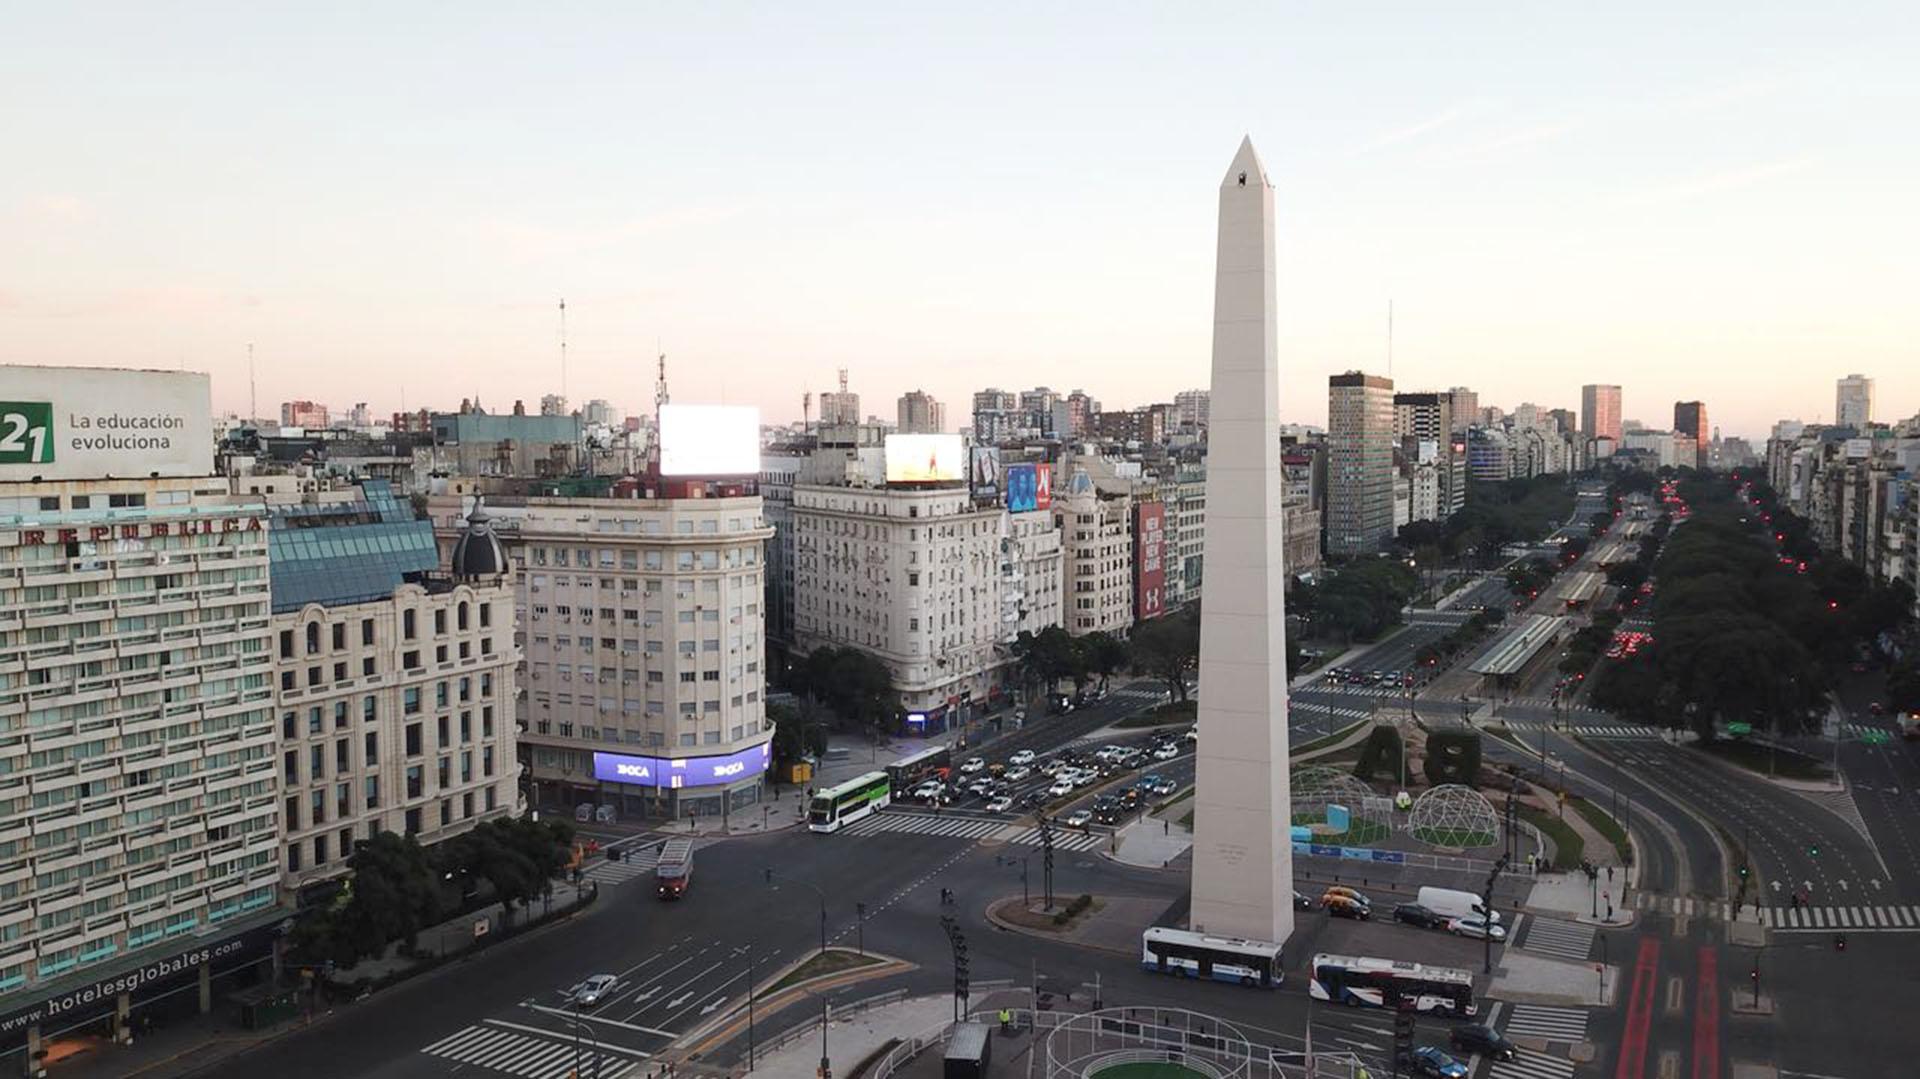 El Obelisco, epicentro de los festejos del ganador